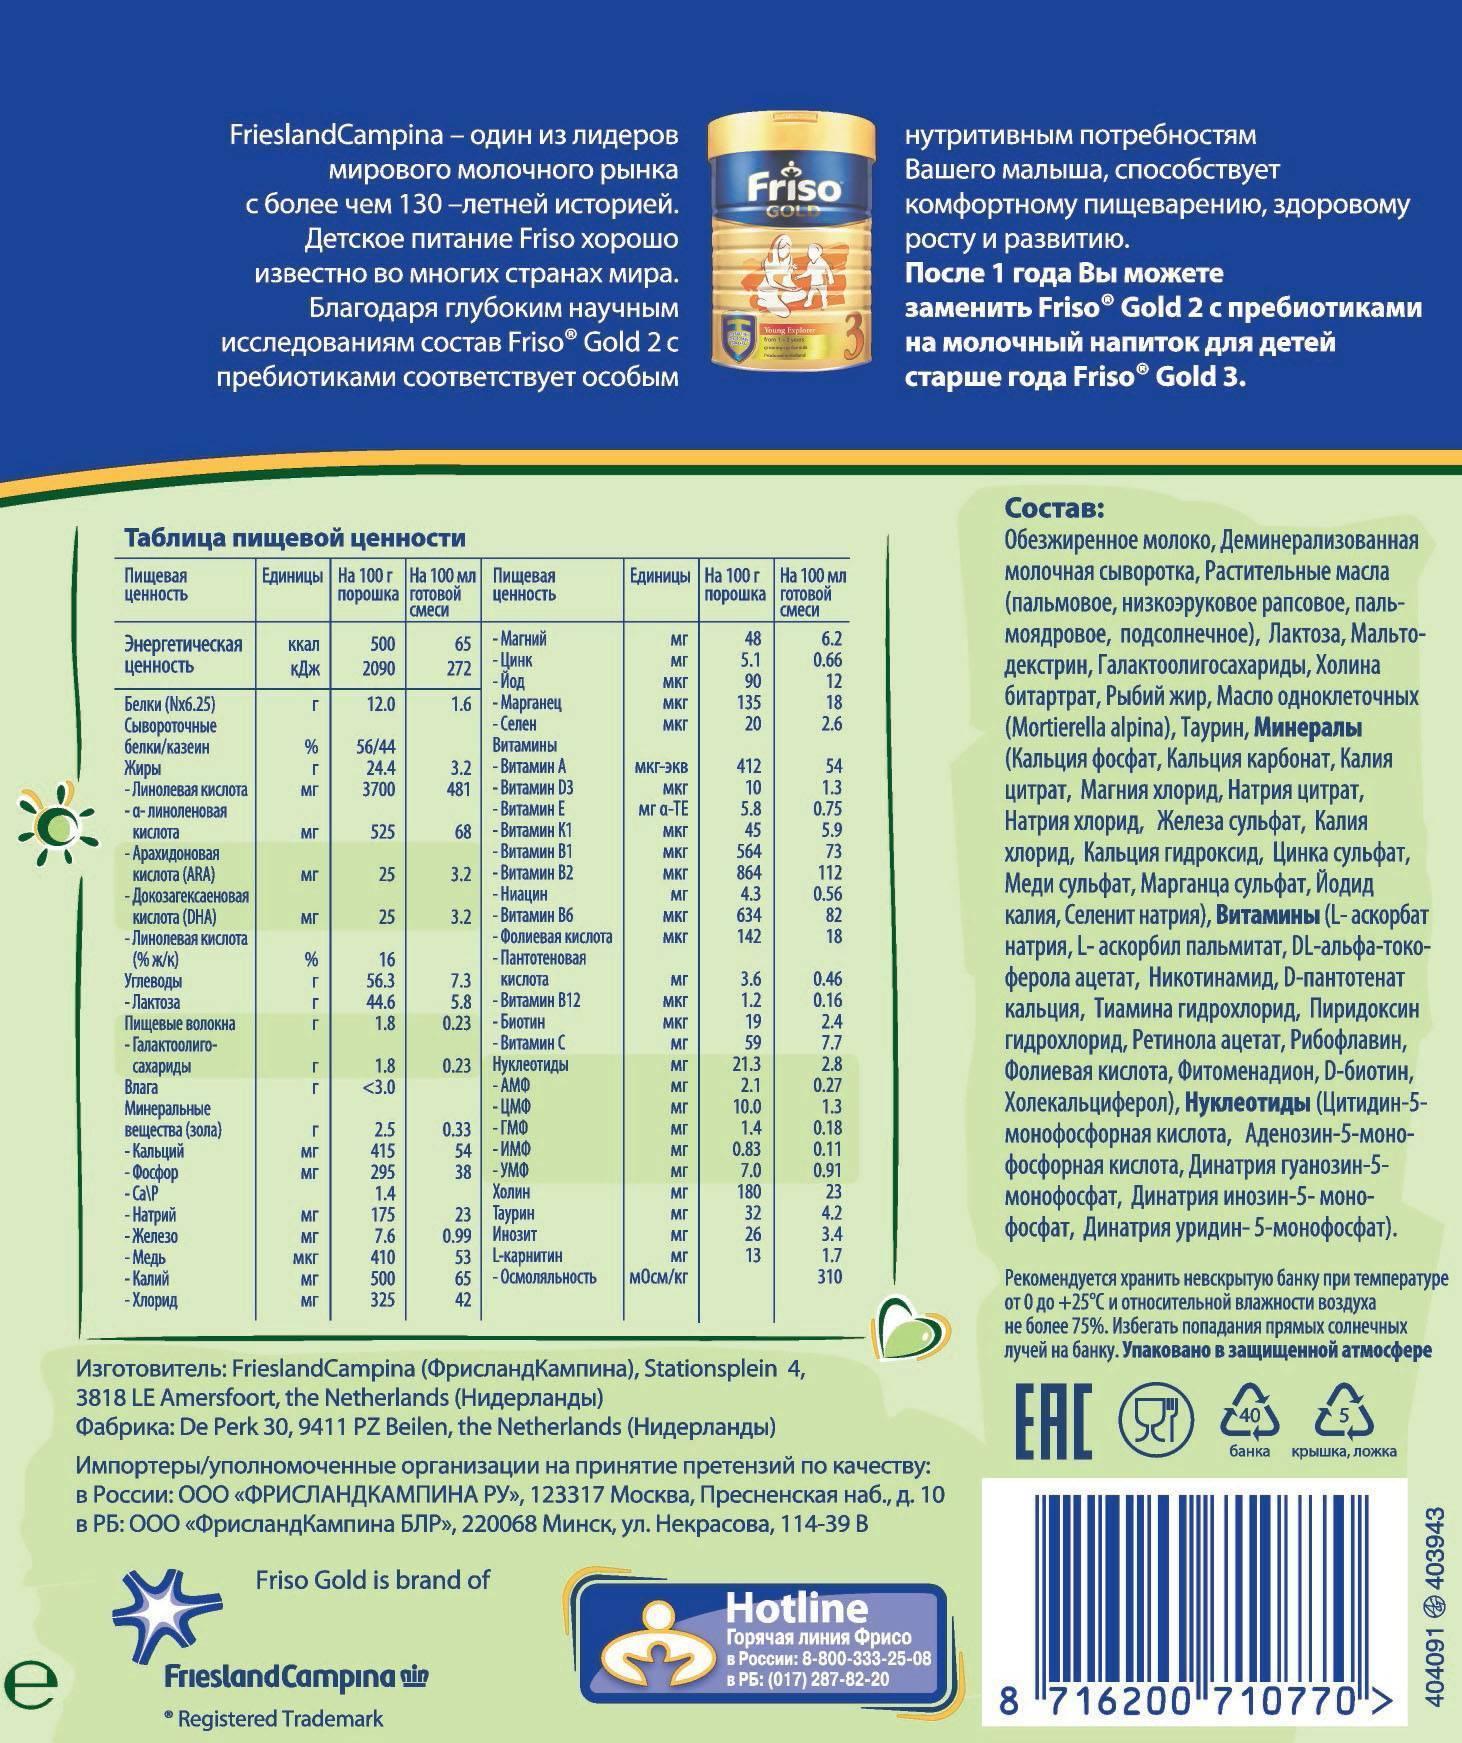 Фрисо голд (friso gold) 1-2-3-4. отзывы, инструкция по применению, где купить, состав, цена